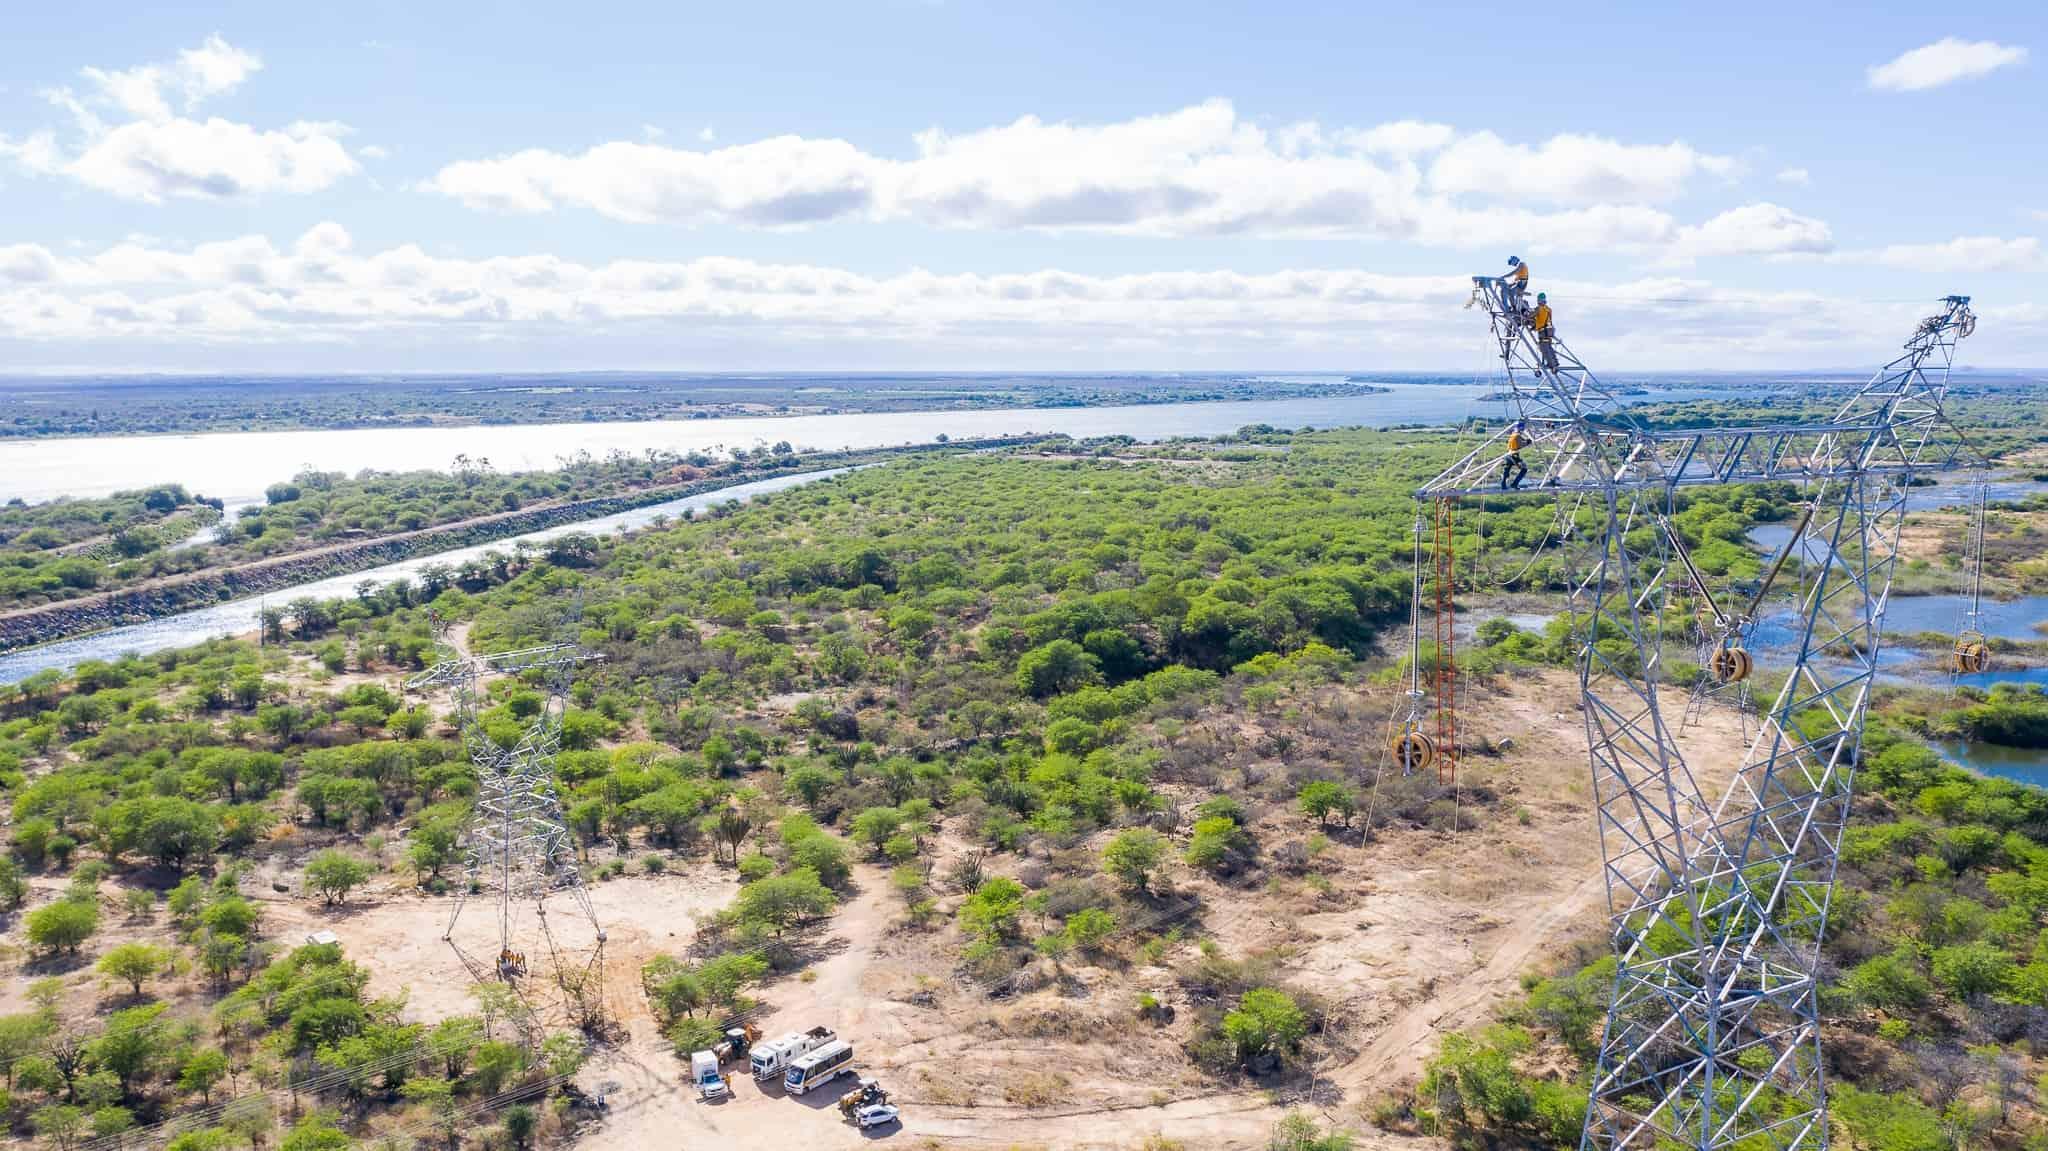 Lançamento de Cabos com Drones - Foto 6